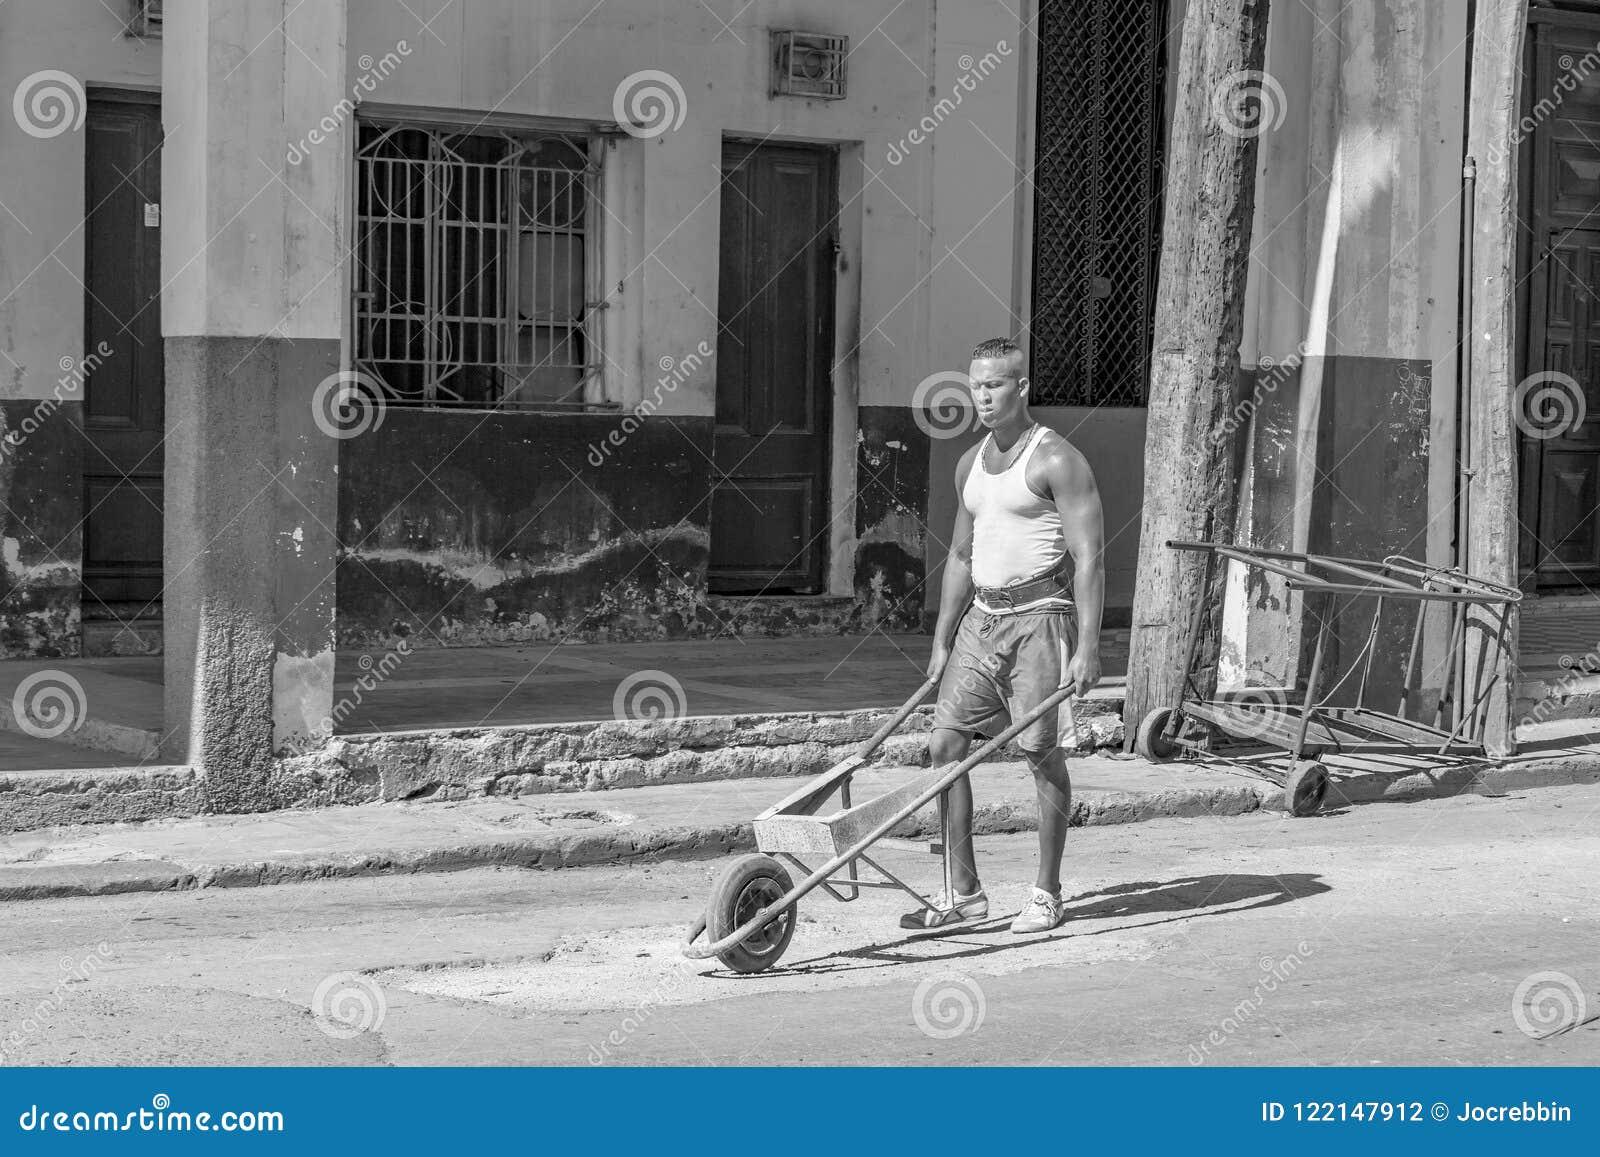 HAWAŃSKI, CUBA-OCTOBER 29 - mężczyzna stacza się staromodny koła taczkowego dla budowy pracy w ulicach Hawański, Oct 29, 2015